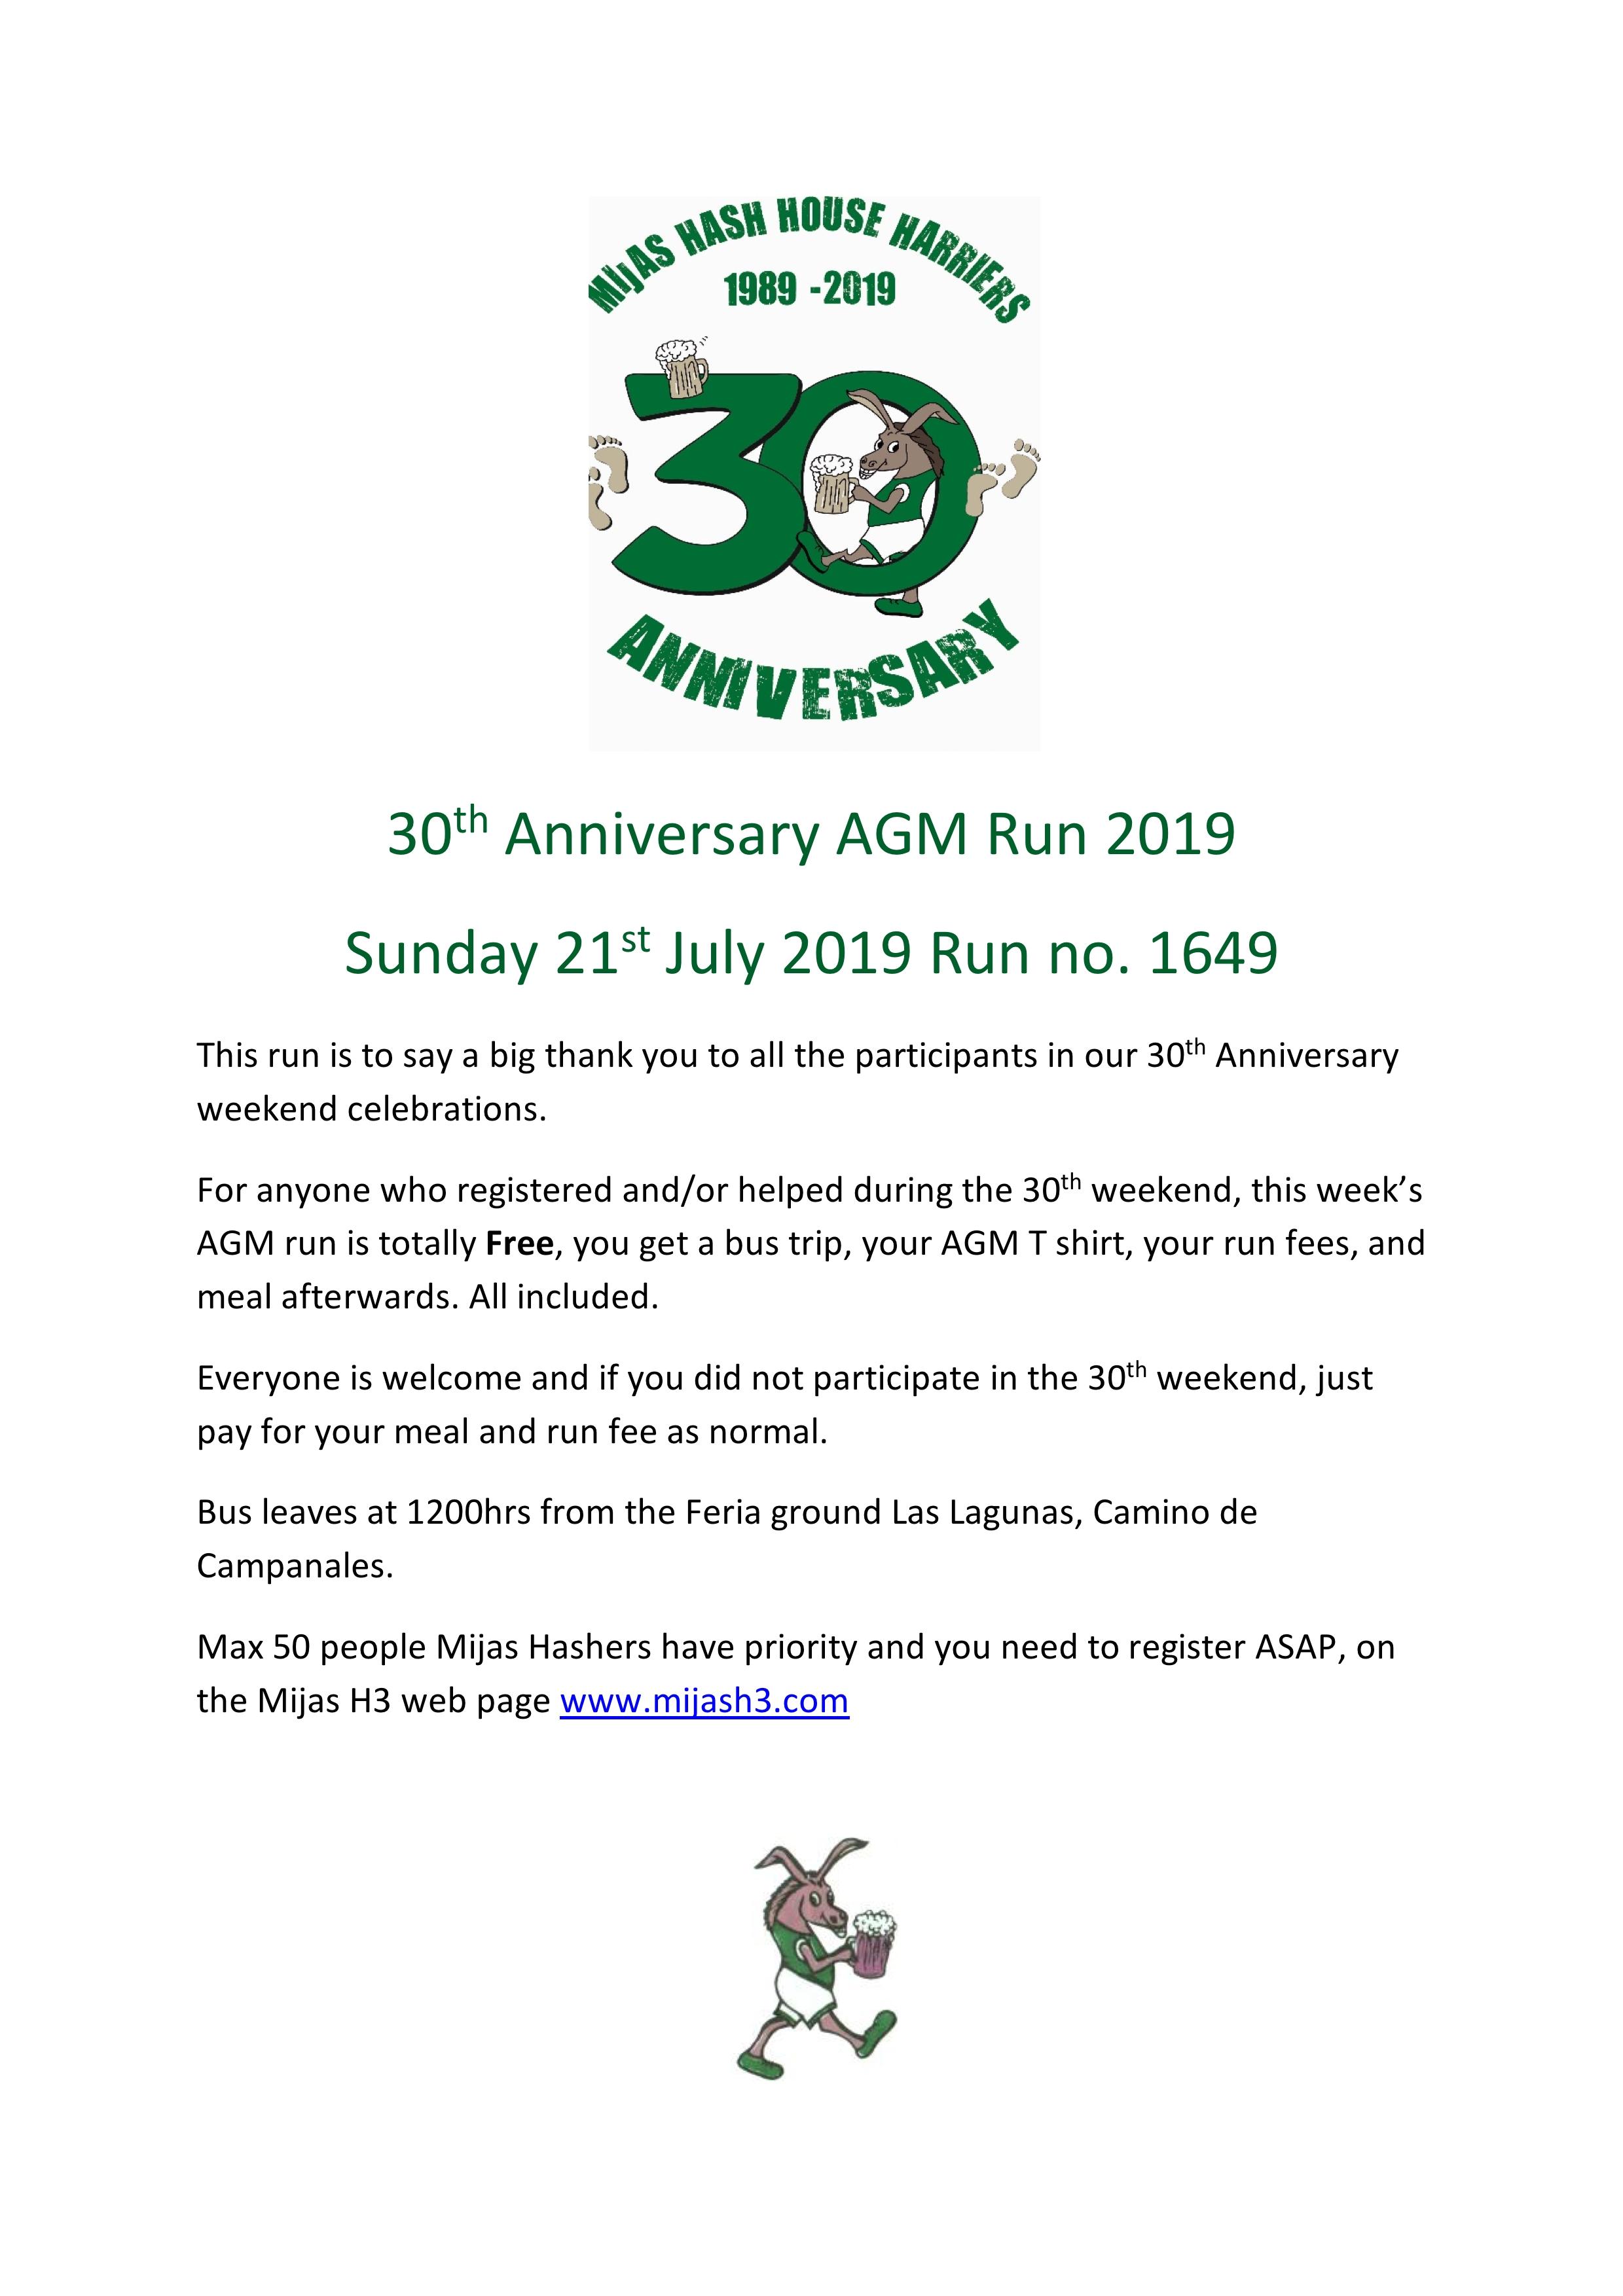 30th Anniversary AGM Run 2019.jpg